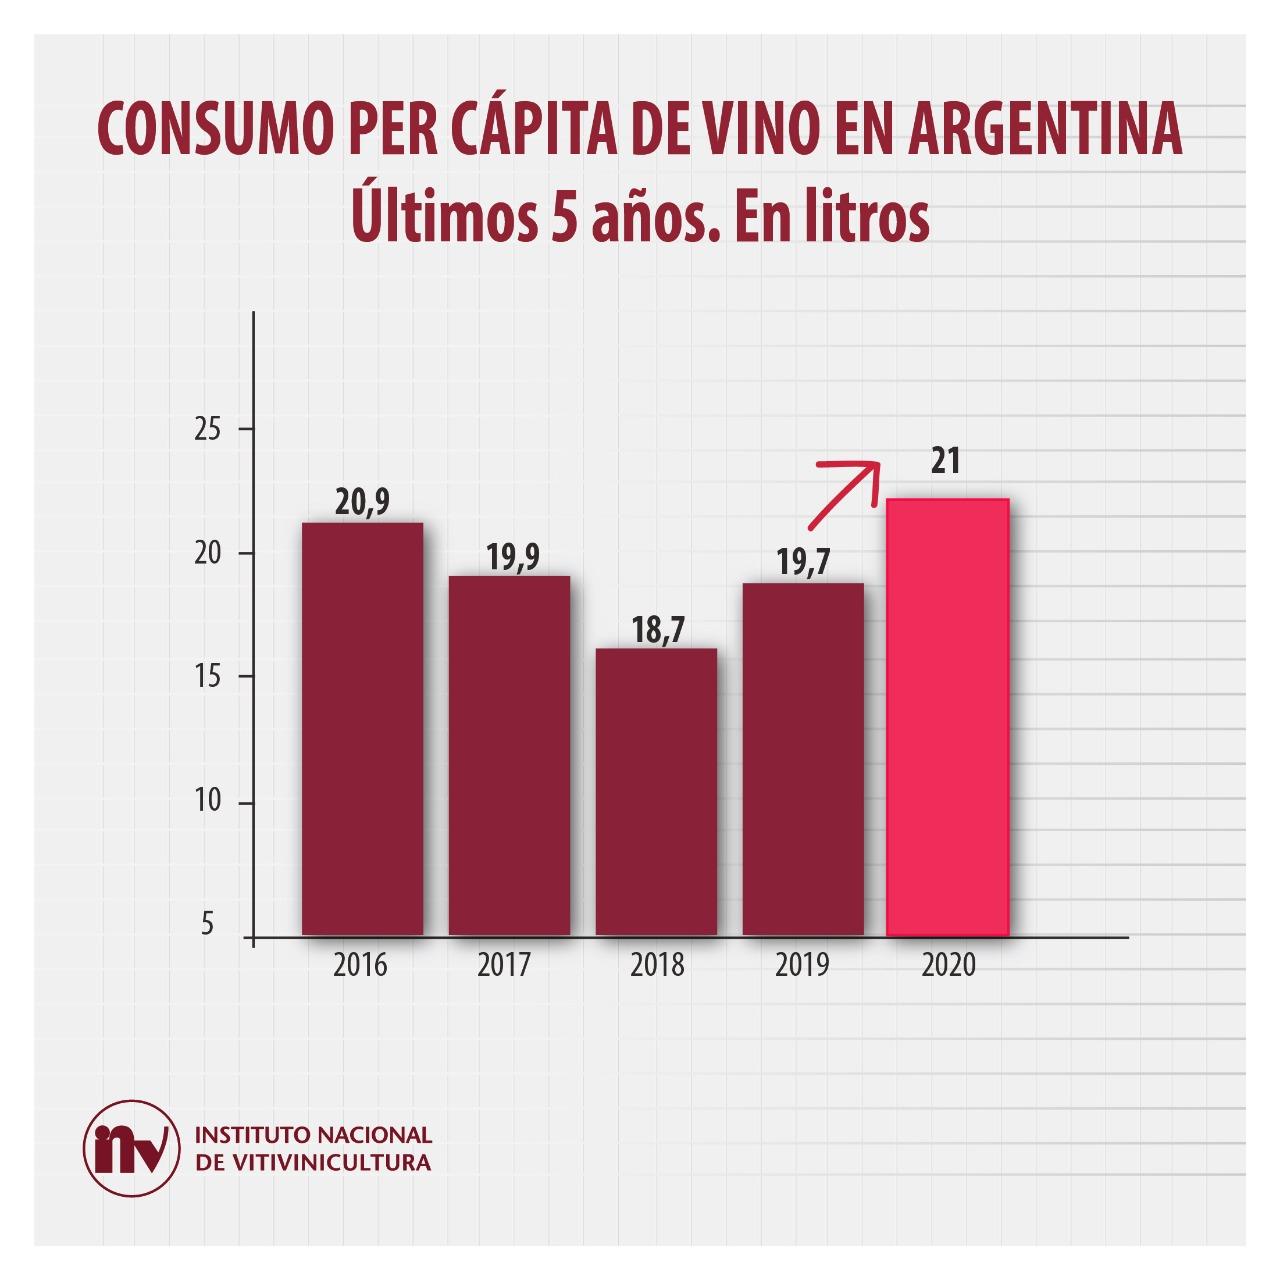 Consumo de vino avanzó 6,5% en 2020: fue 21 litros per capita